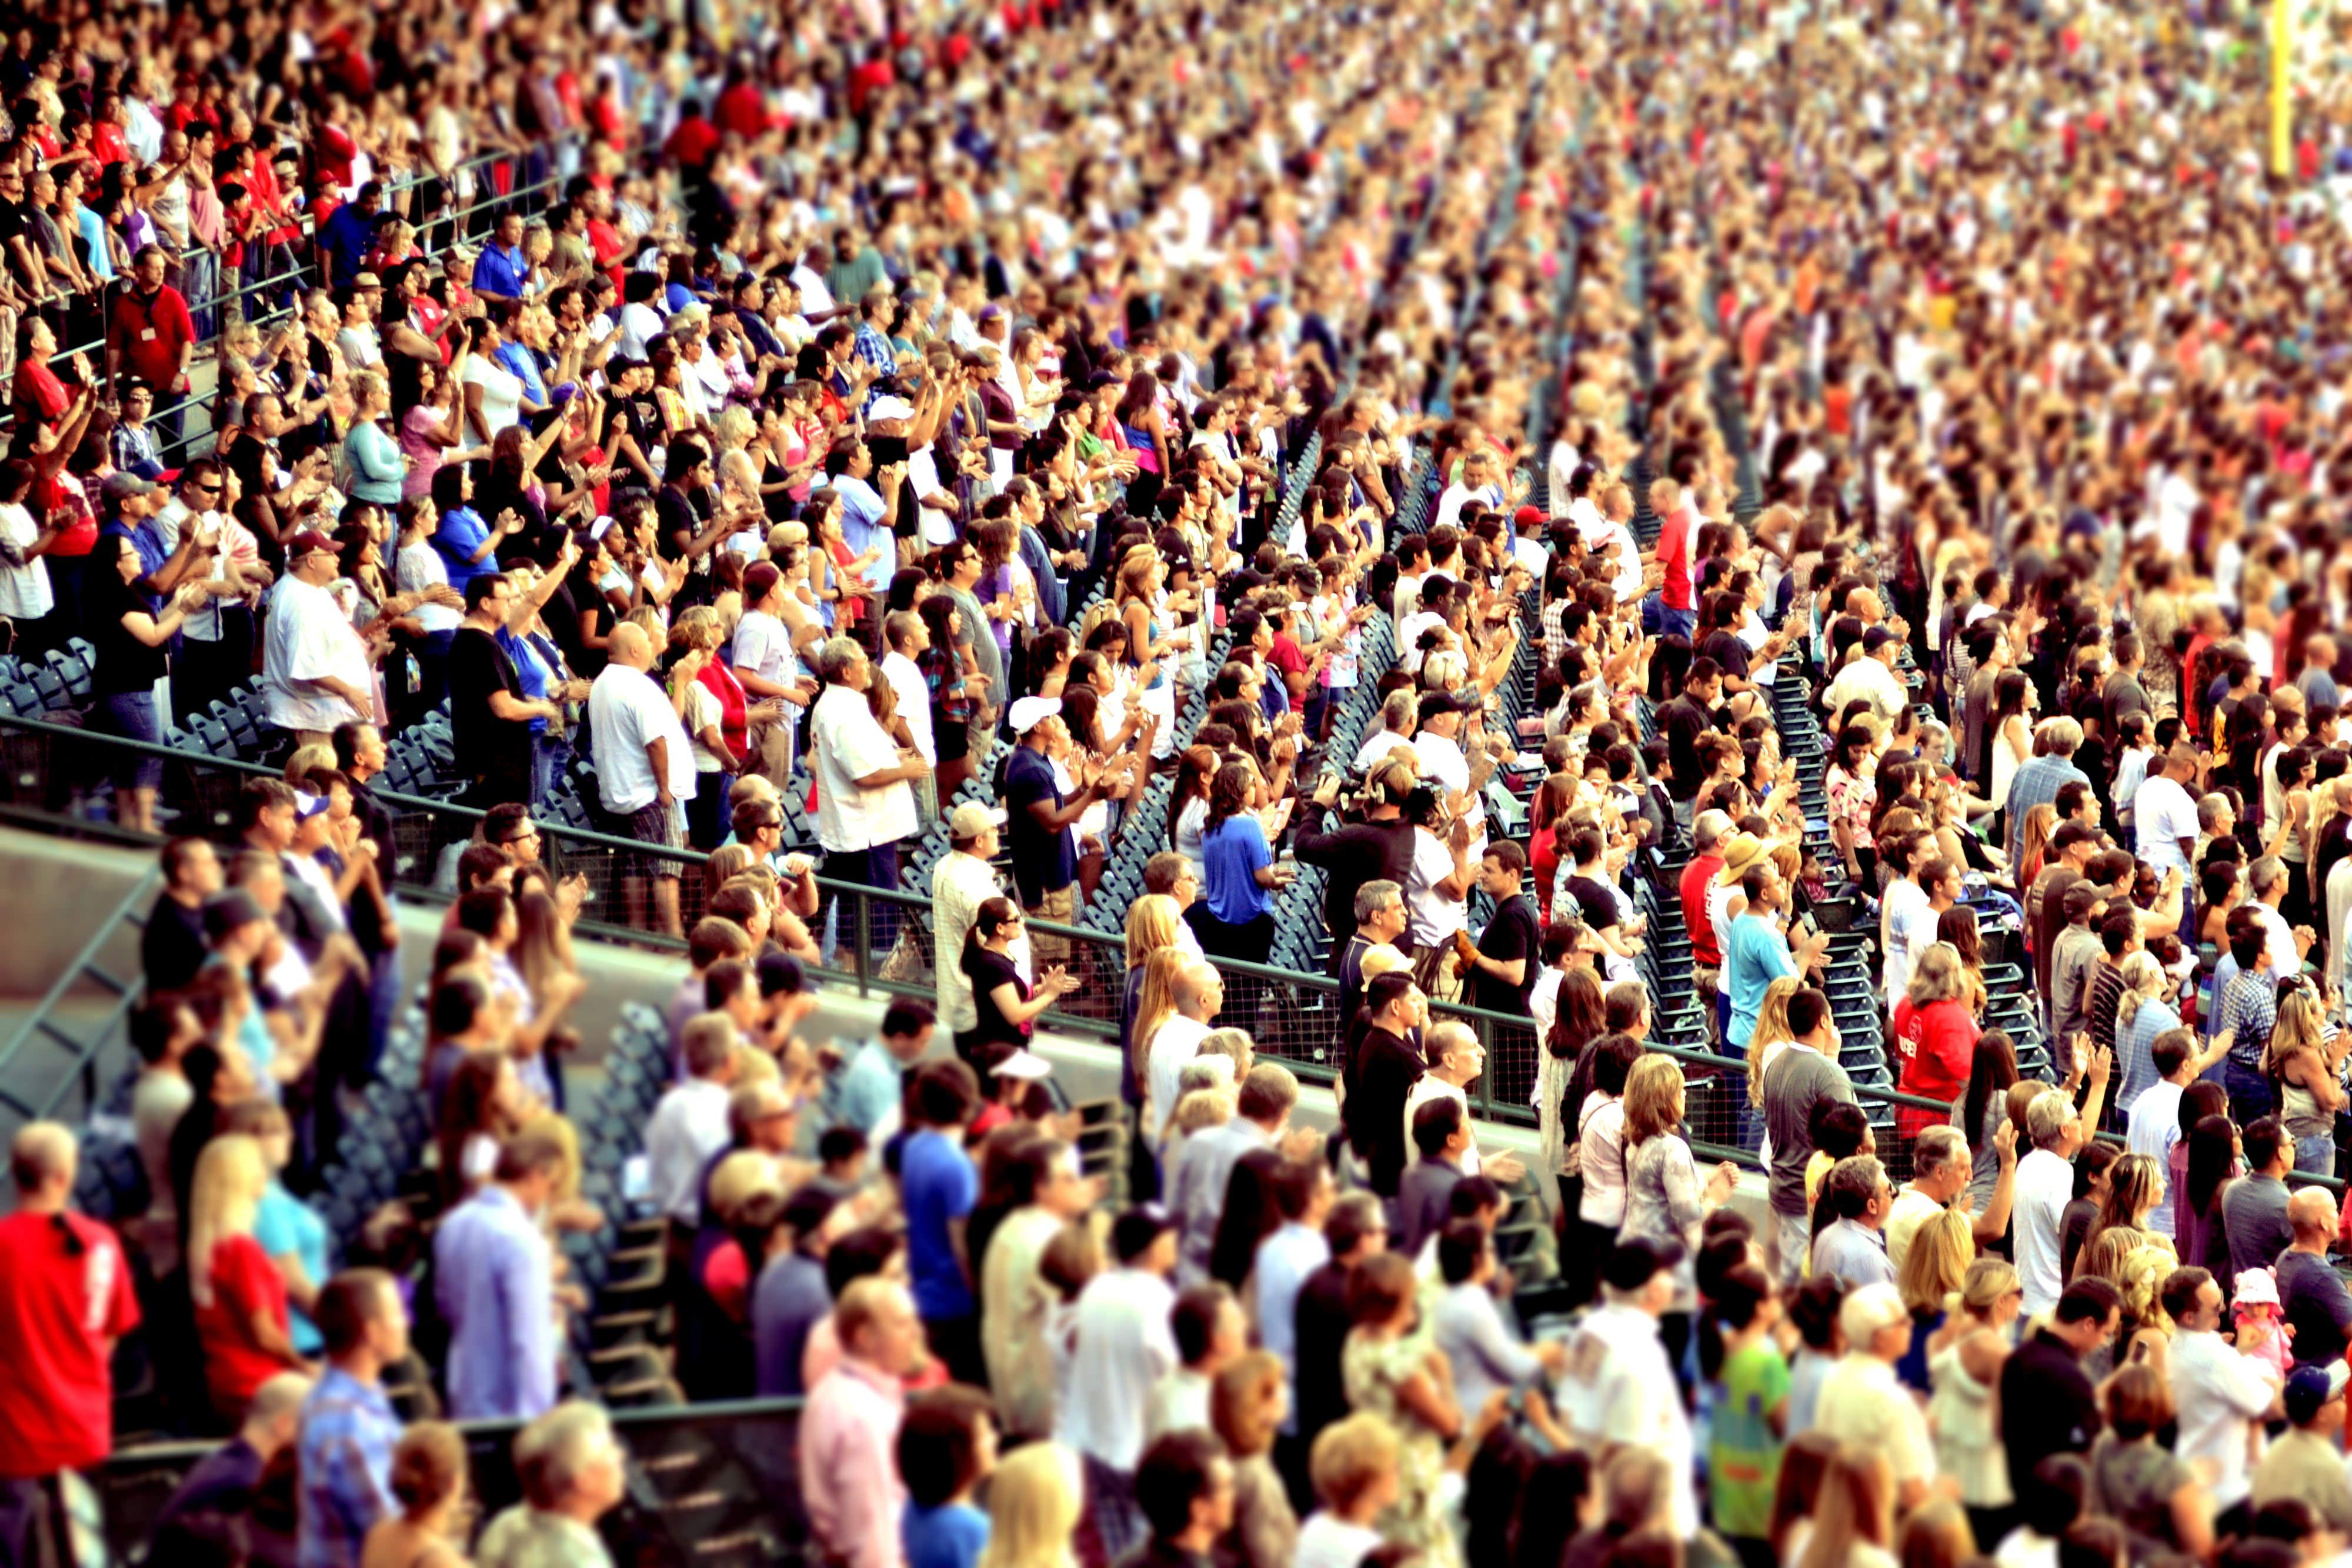 картинки массового скопления людей выбирать